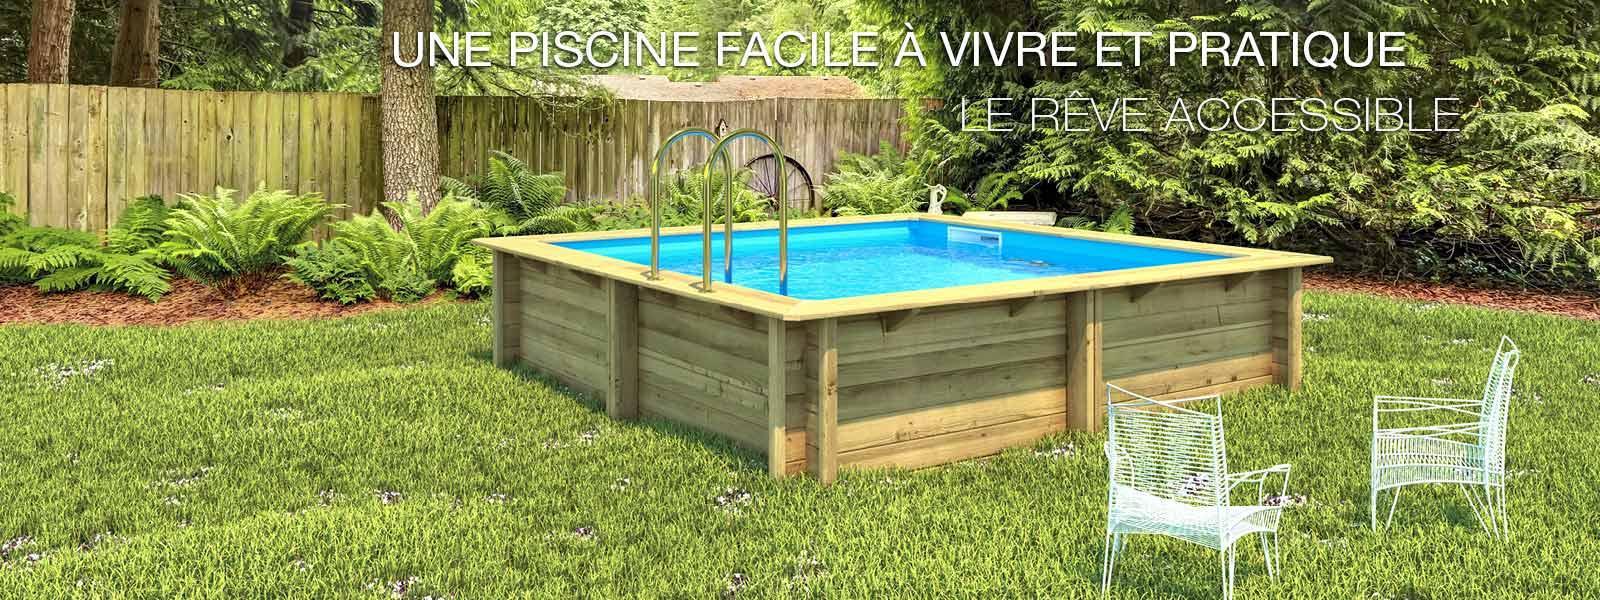 Piscine Bois Weva Bwt Mypool L 8 54 X L 4 54 X H 1 46 M Leroy Merlin